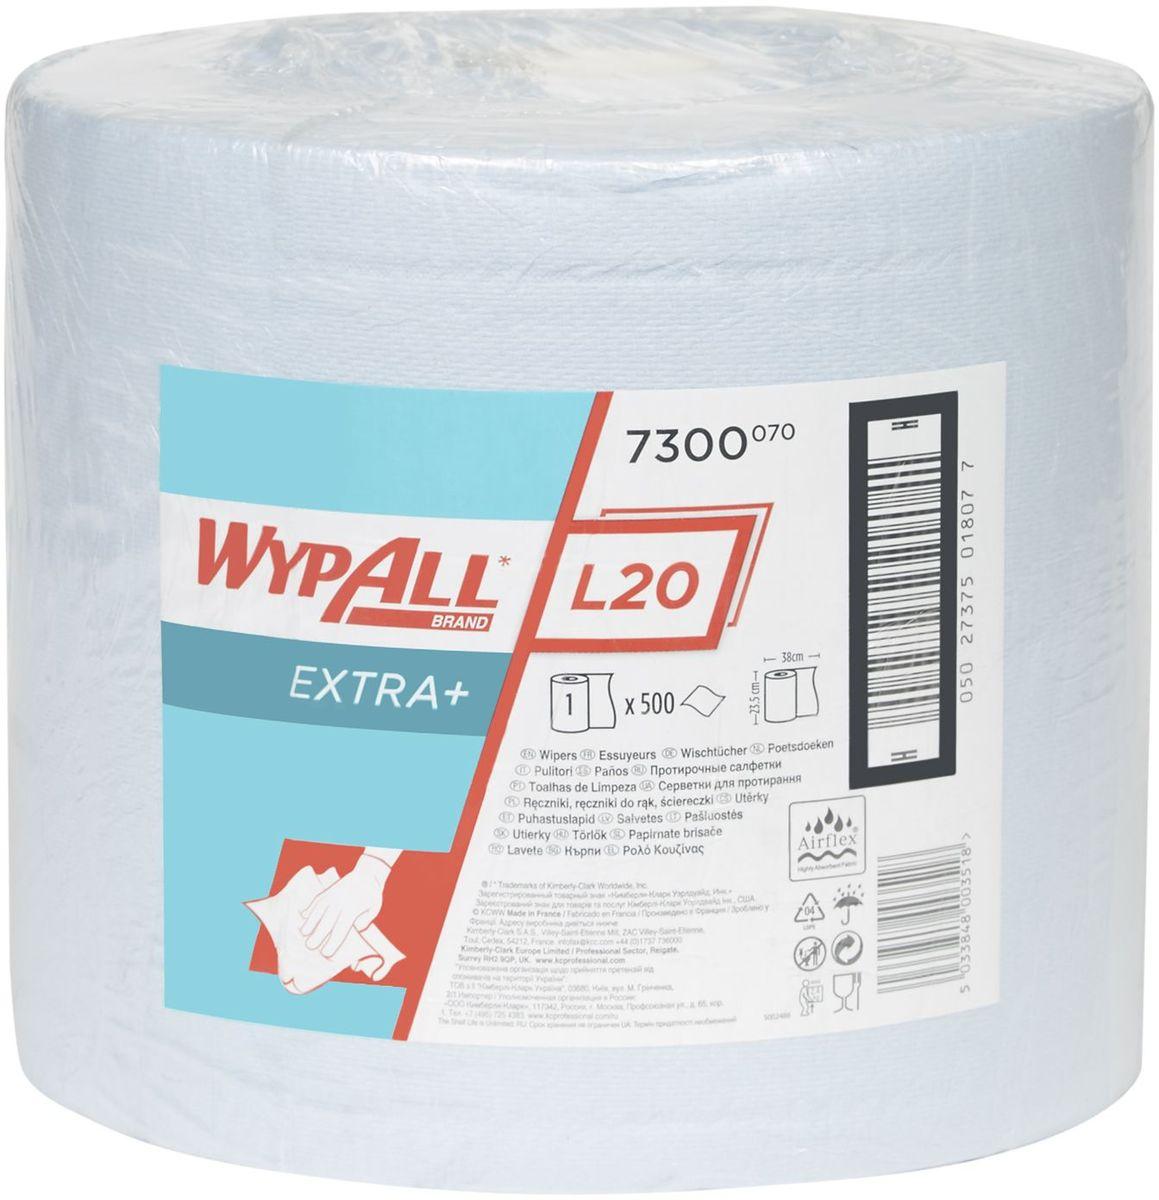 Полотенца бумажные Wypall L30, двухслойные, 500 шт. 7300TC 14Двухслойные бумажные полотенца Wypall L30, изготовленные из целлюлозы, отличаются особенной прочностью и быстротой впитывания жидкостей. Полотенца идеально подойдут для универсальных задач: сбора грязи, работы с маслом, протирки и впитывания жидкостей в пищевой промышленности, а также в автомобильной индустрии и многих других областей.